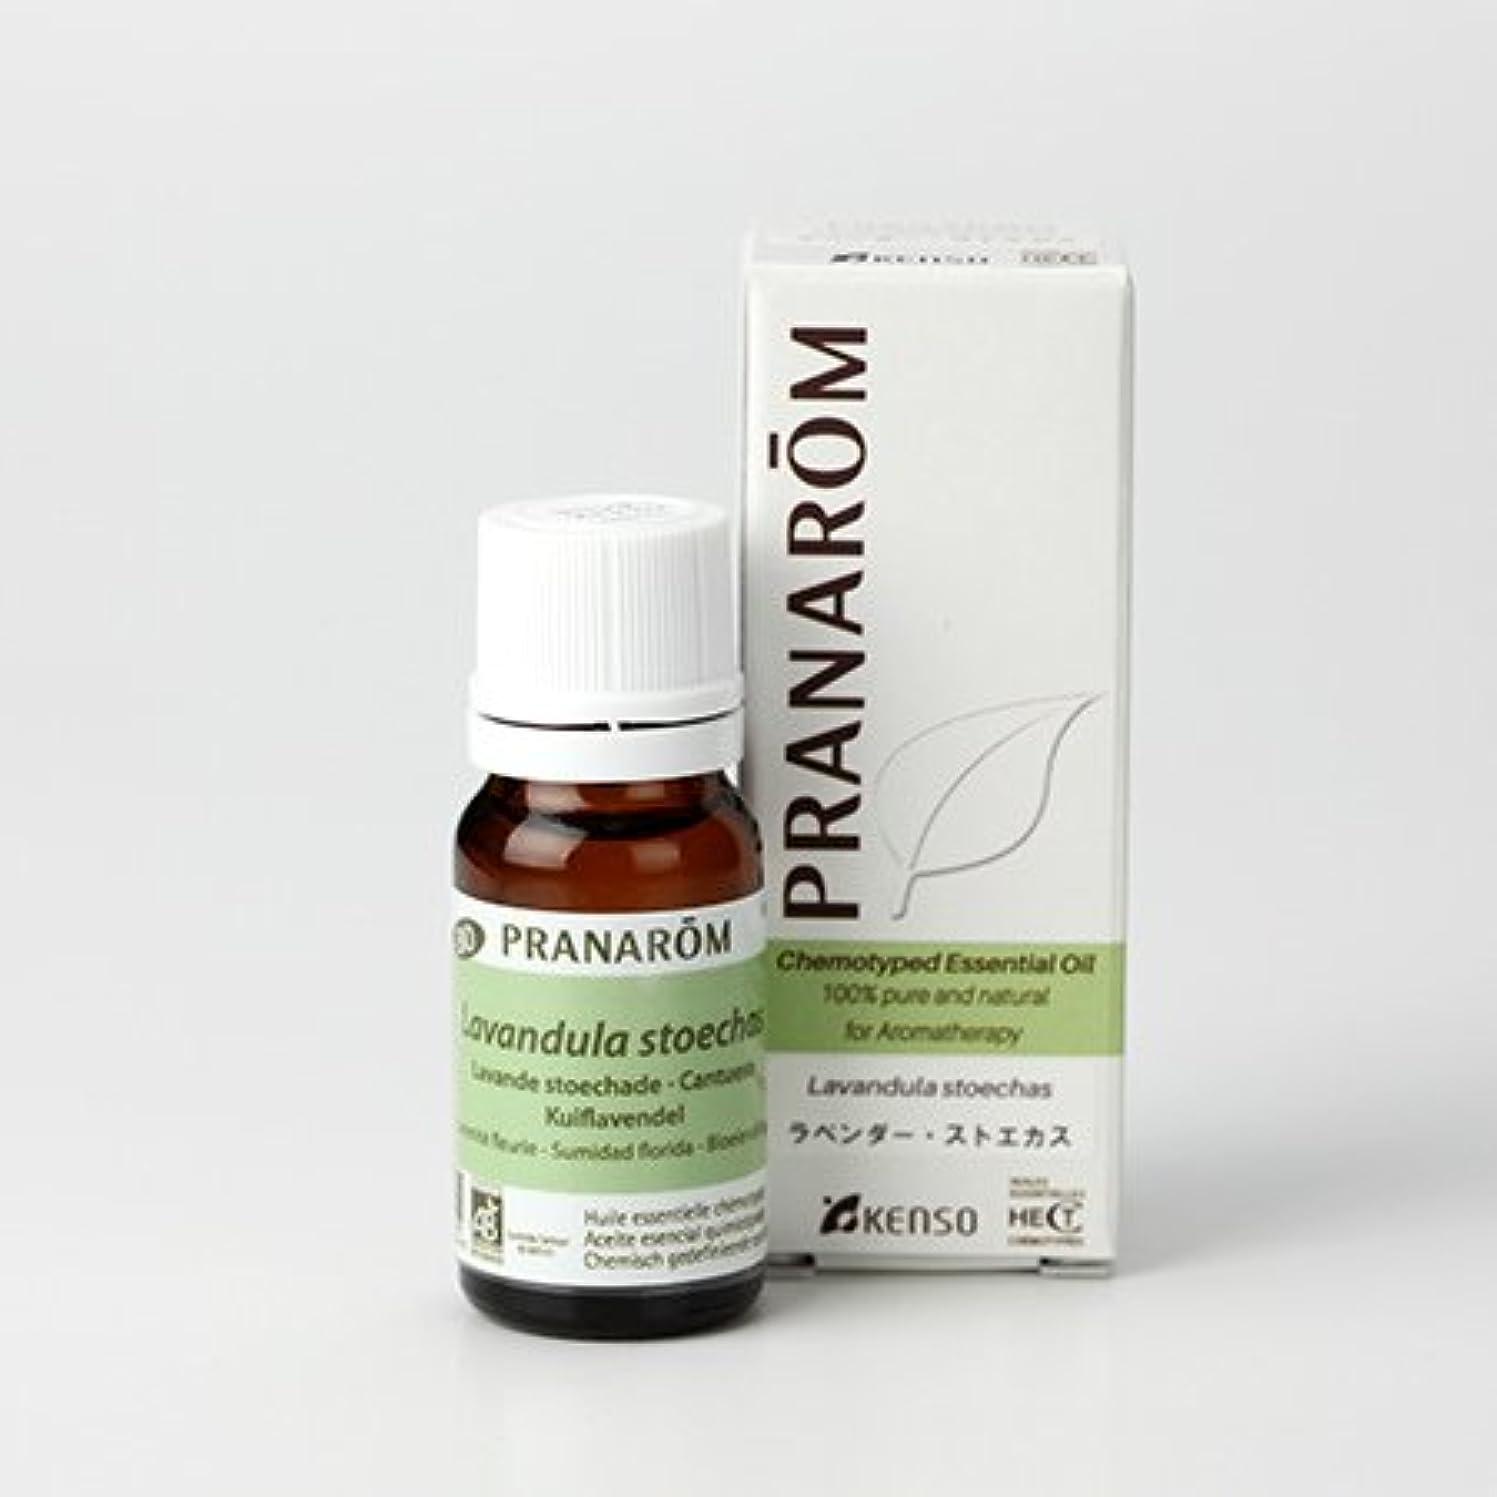 プラナロム ラベンダーストエカス 10ml (PRANAROM ケモタイプ精油)